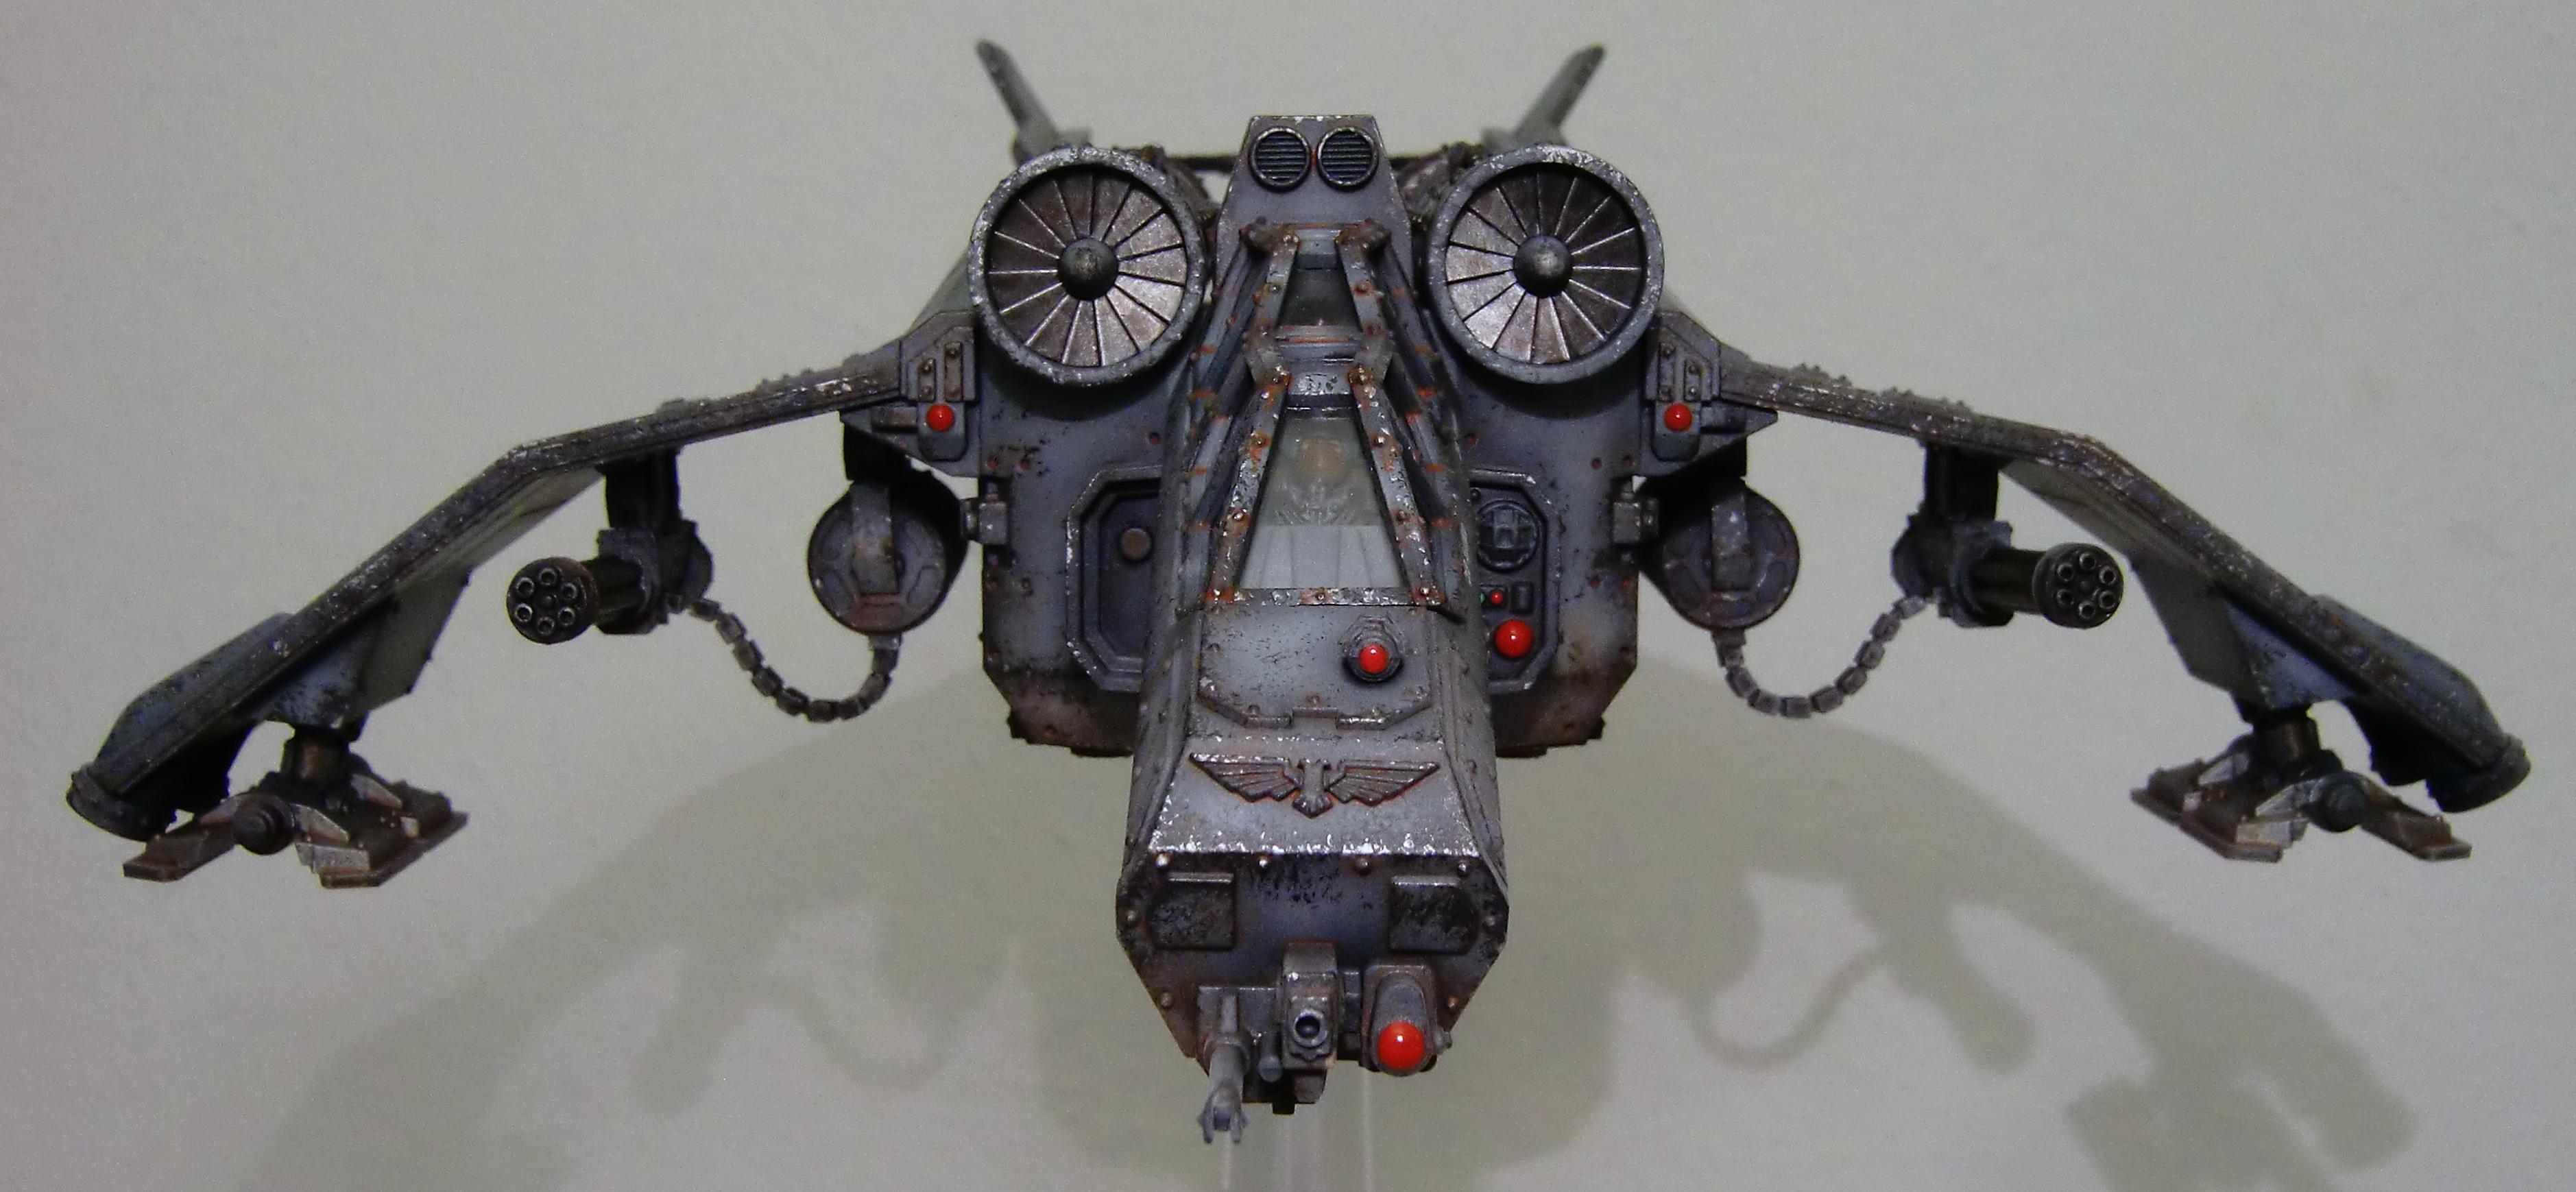 Astra Militum, Flyer, Imperial Guard, Valkyrie, Warhammer 40,000, Warhammer Fantasy